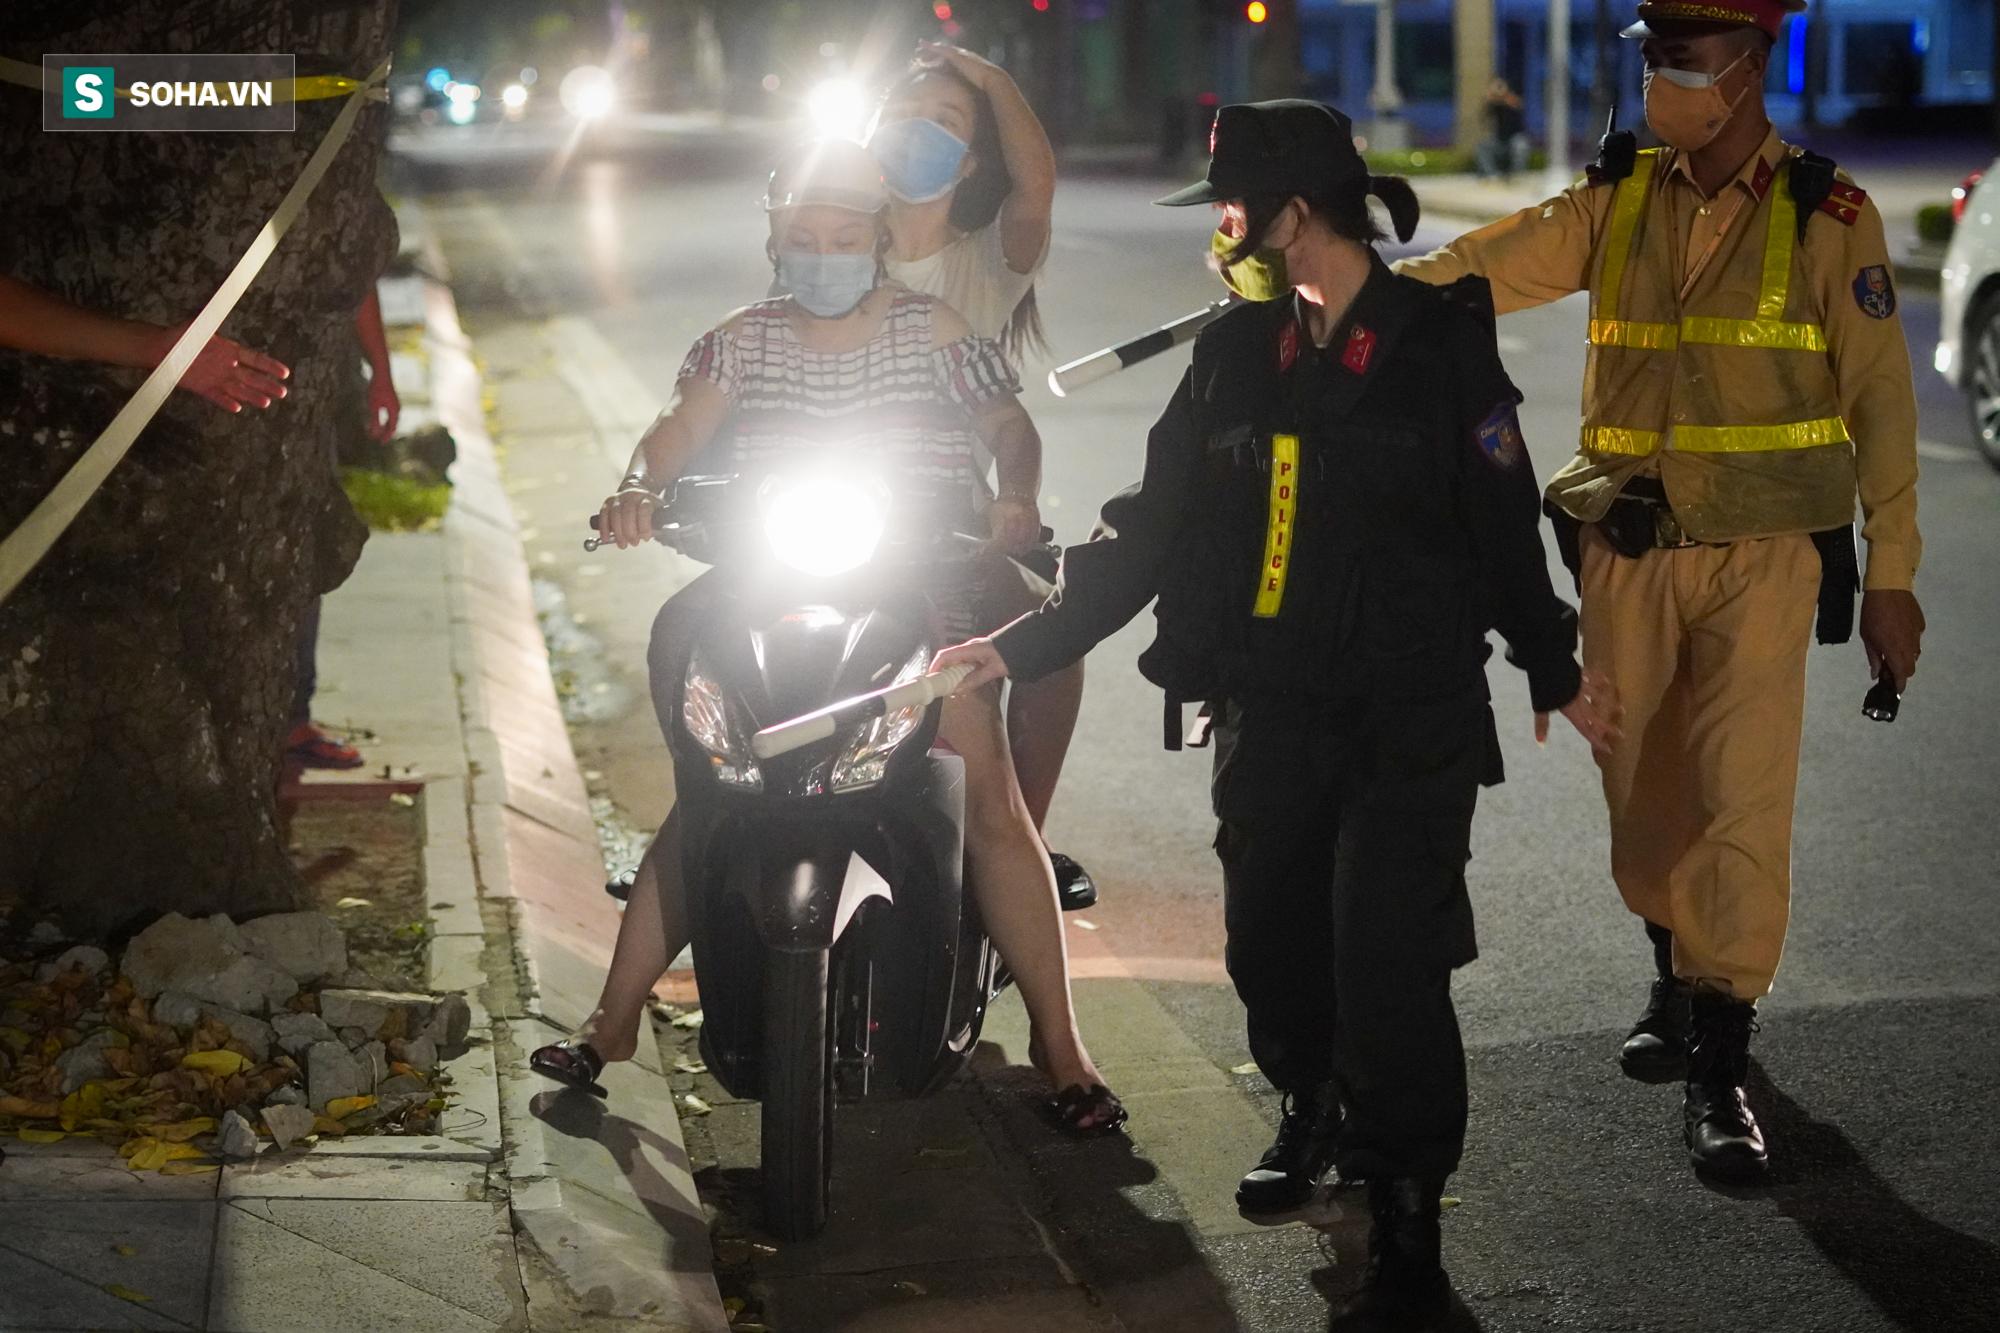 Nữ cảnh sát đặc nhiệm đầu tiên của tổ 141: Quen với những đêm trắng vì sự bình yên của người dân - Ảnh 6.